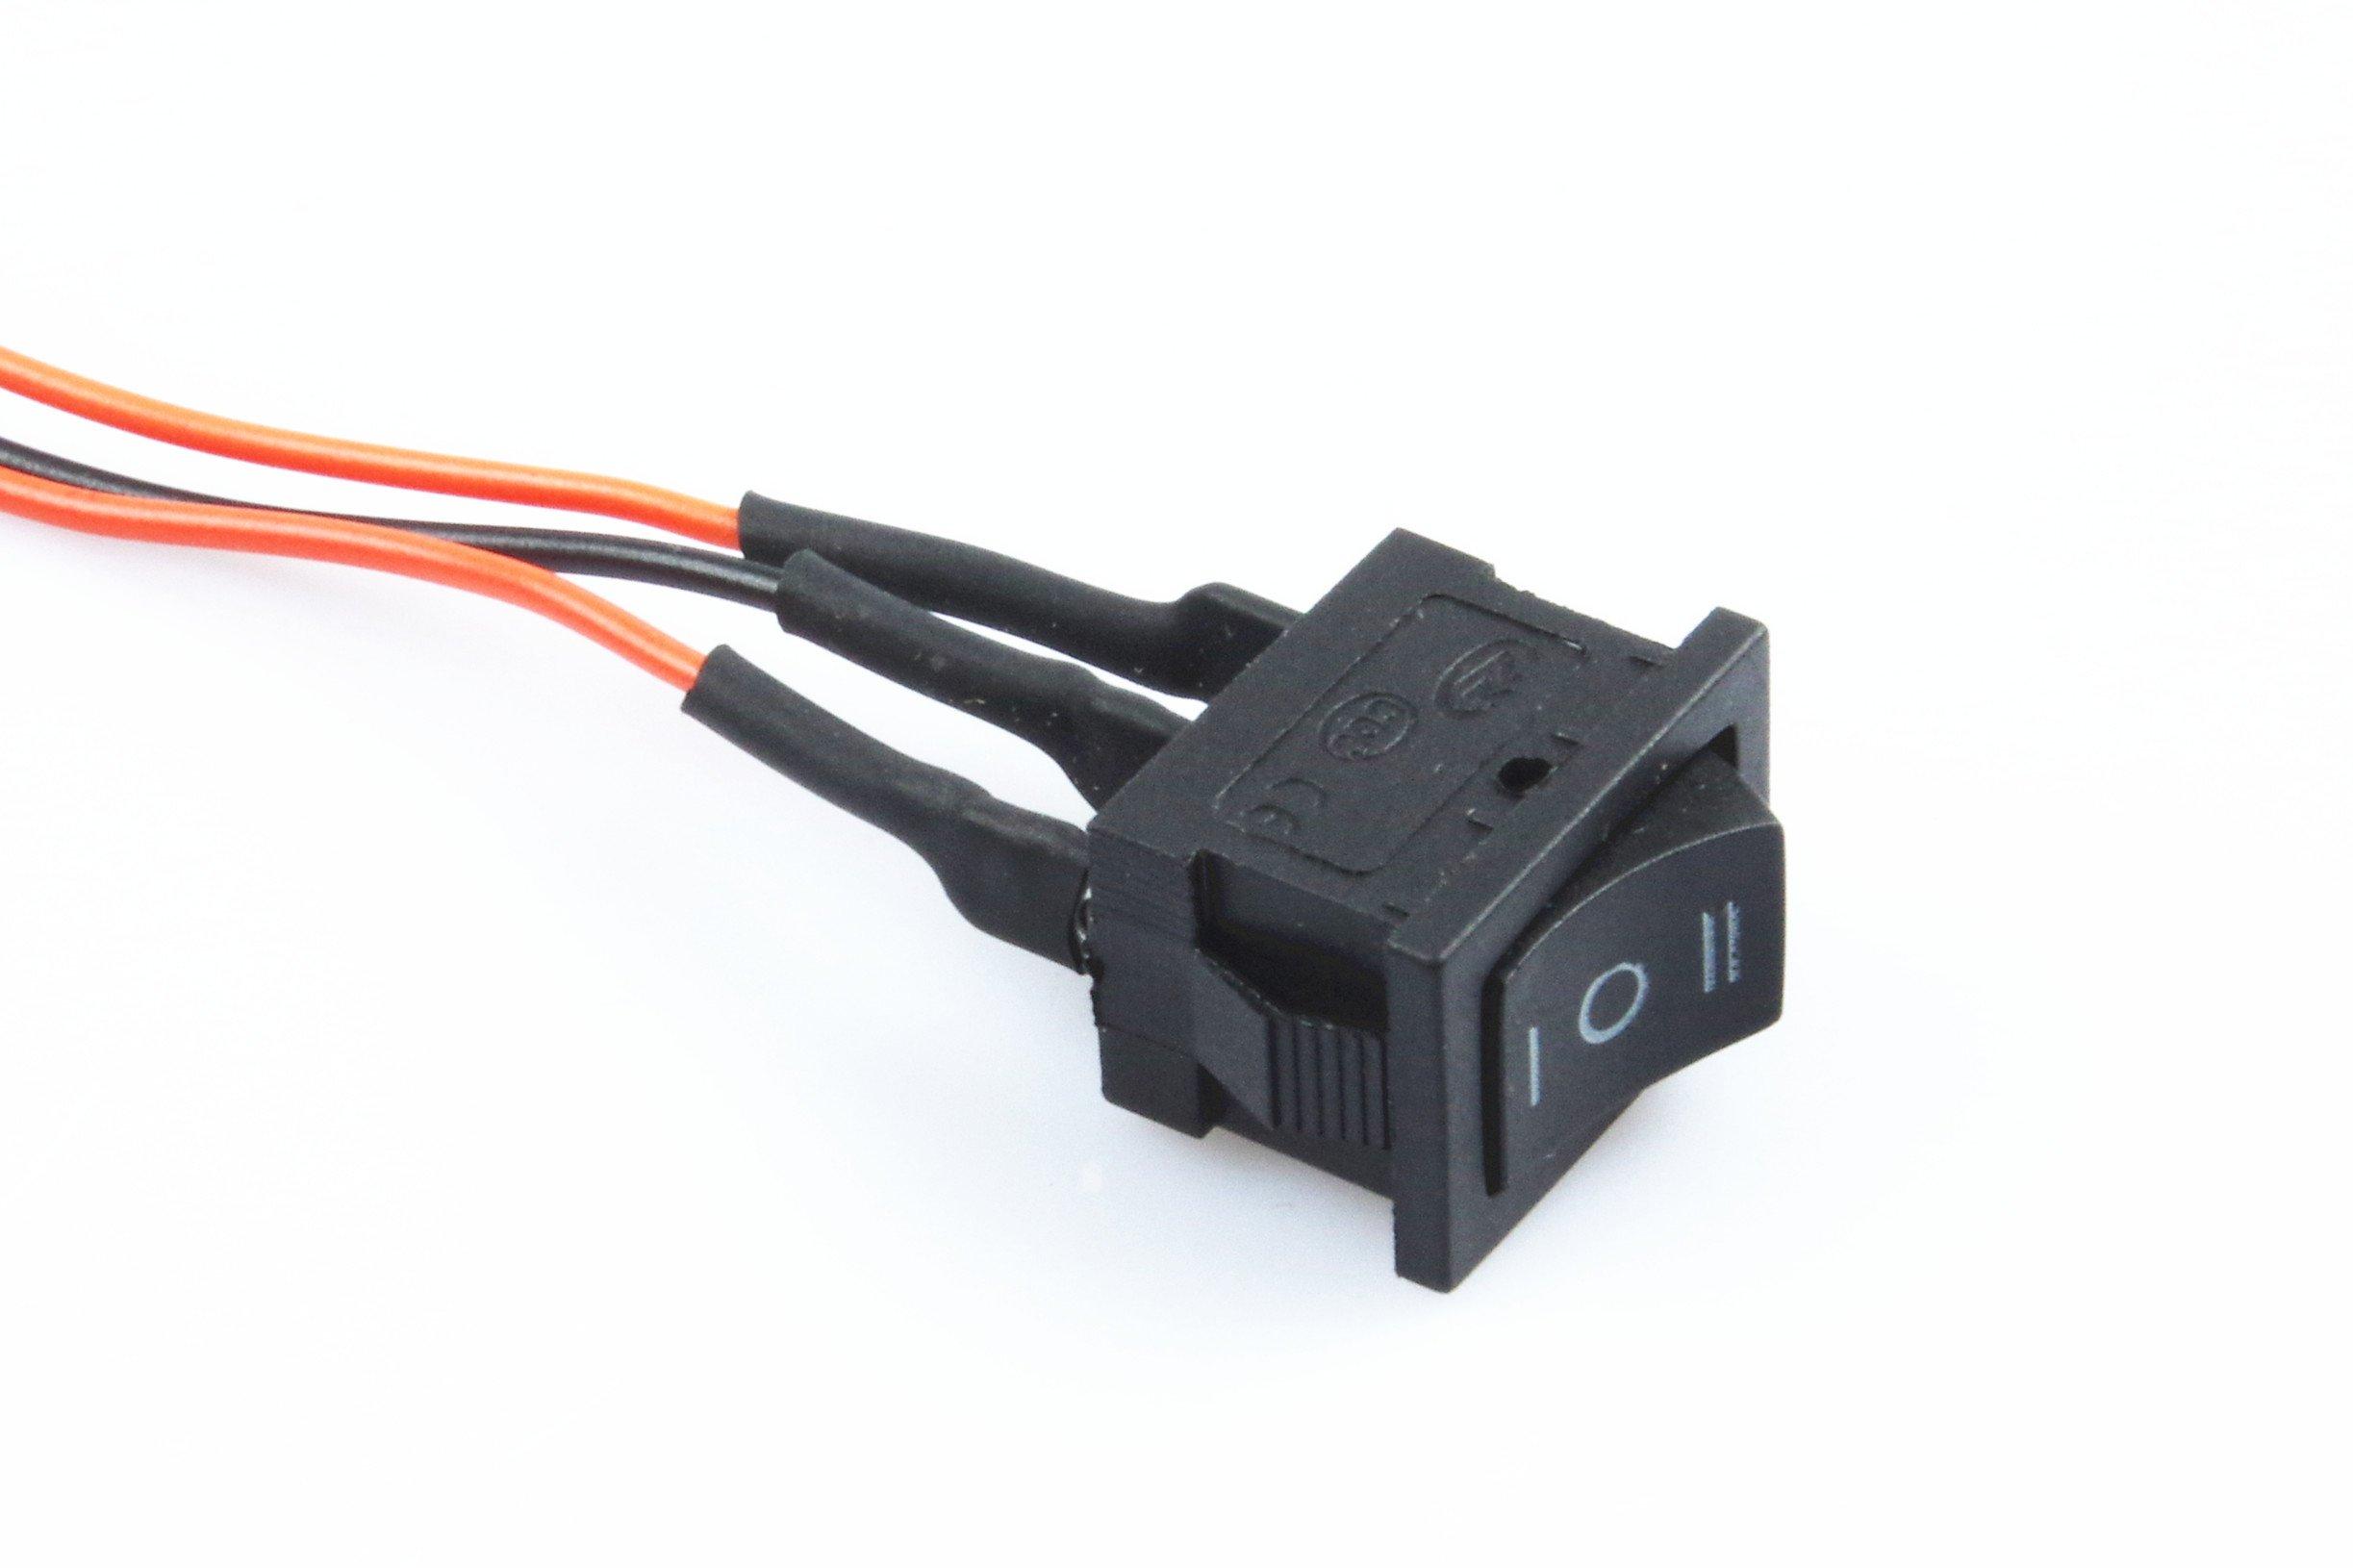 Knacro Pwm Speed Controller Electronic Governor 40a Dc 10v 50v Pwmmotorcontrollerwithforwardandreversejpg 12v 24v 36v 48v Brushed Motor Maximum Power Of 2000w Third Gear